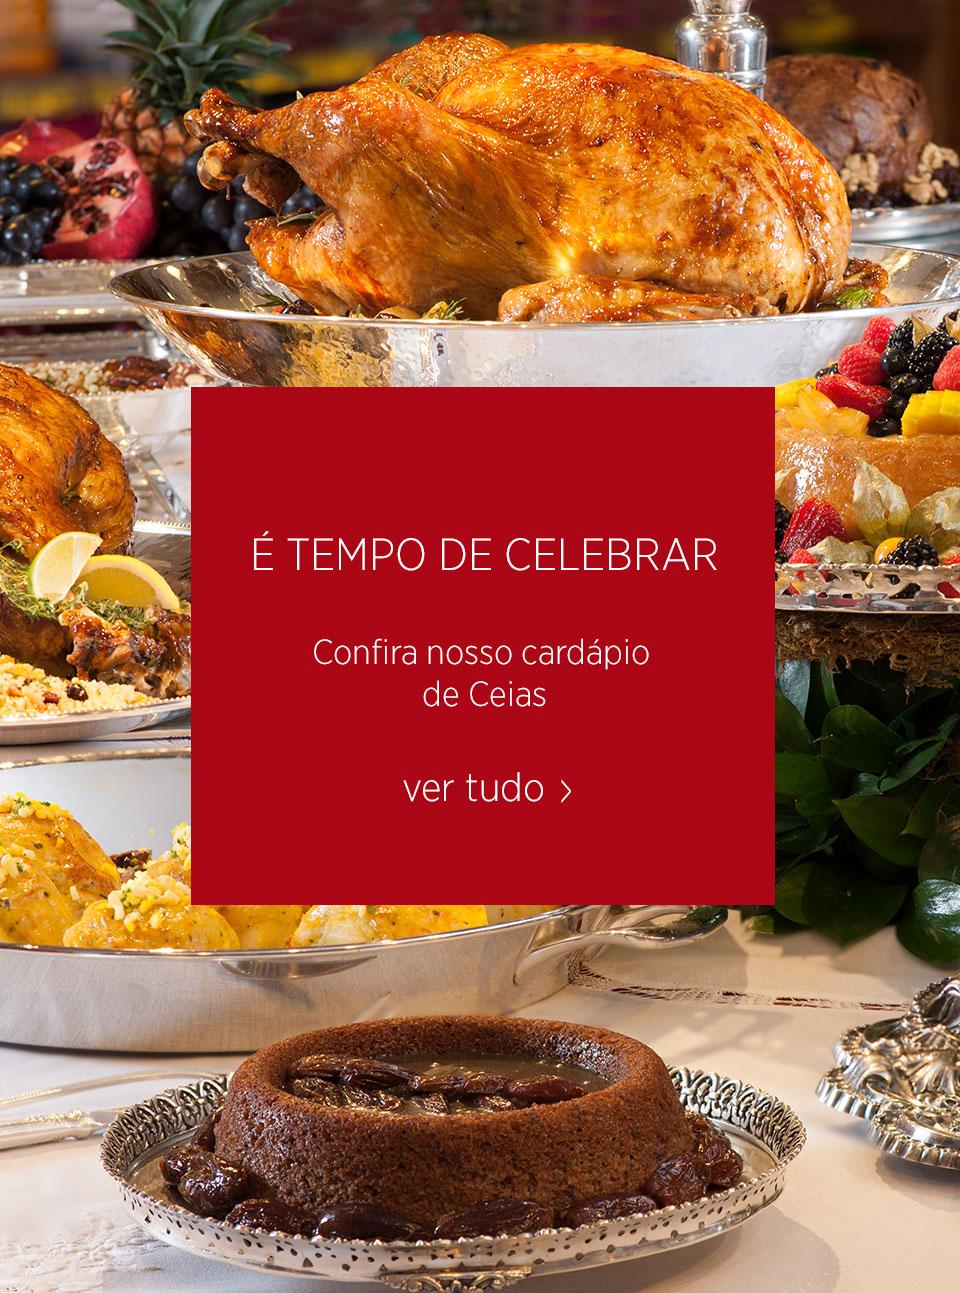 Mobile | Cardápio de Ceias